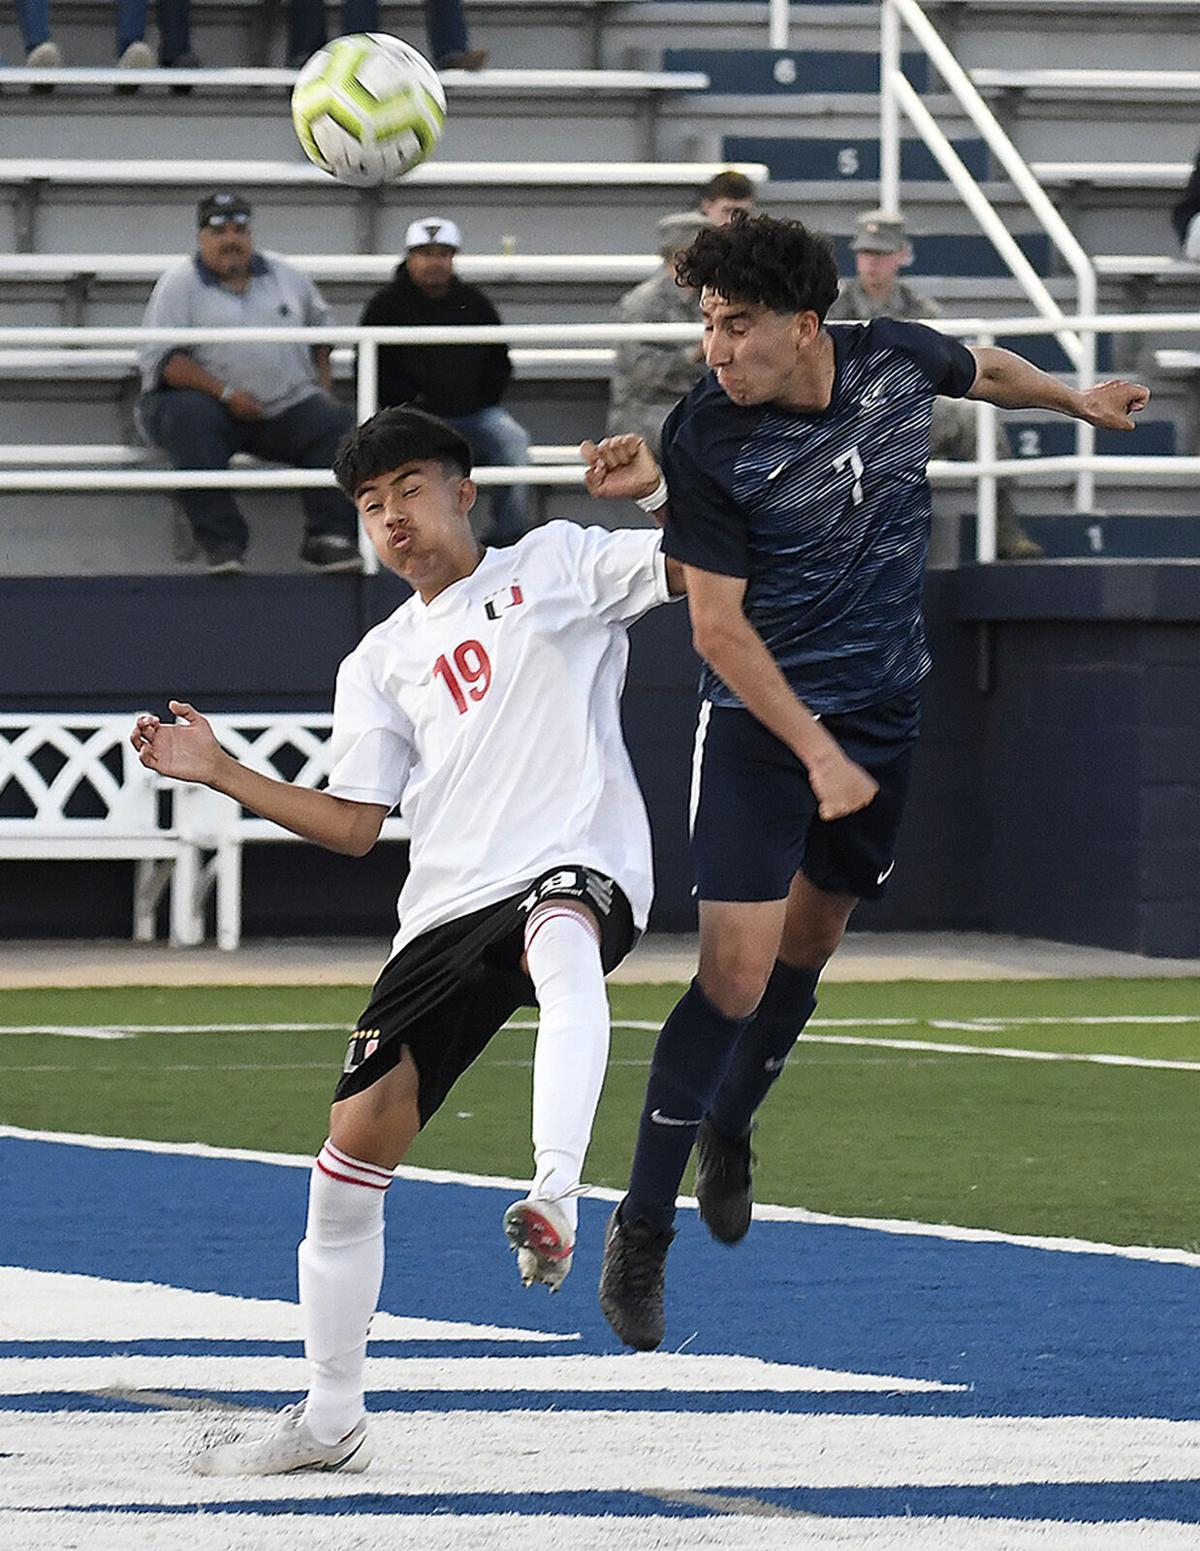 210505-sports-soccer enid union 2 BH.jpg